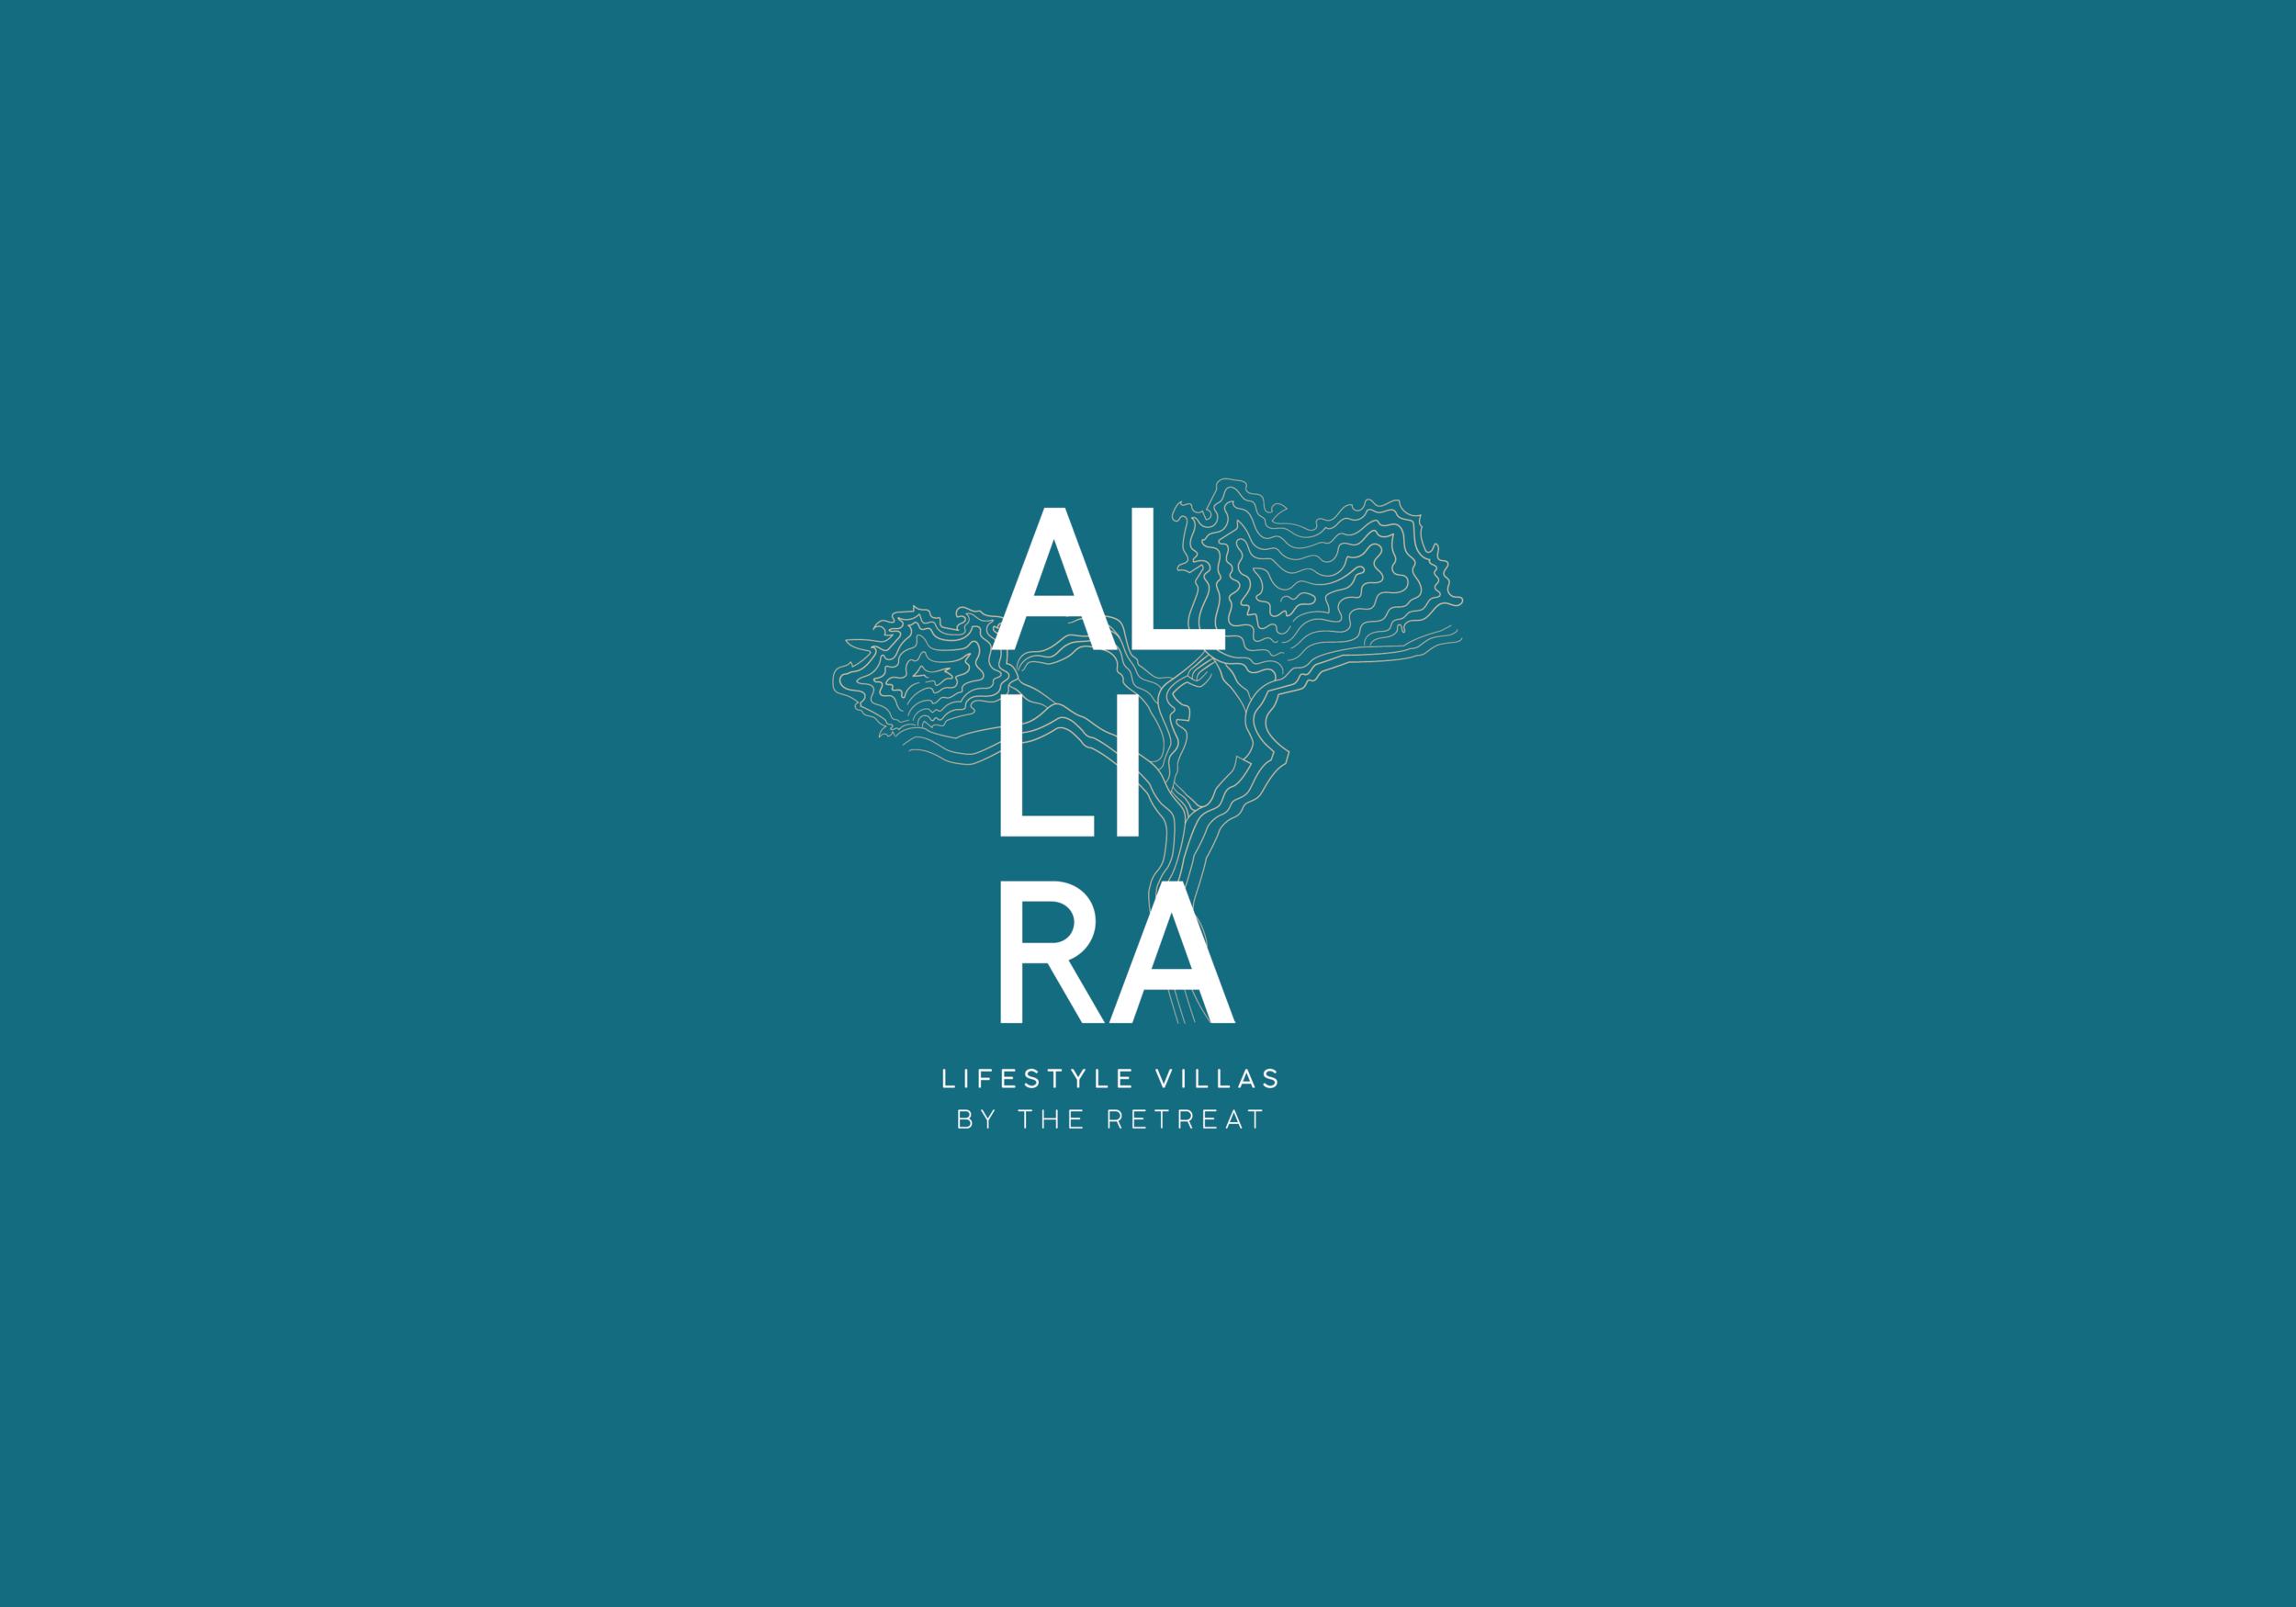 Portafolio Villas Allira-01.png